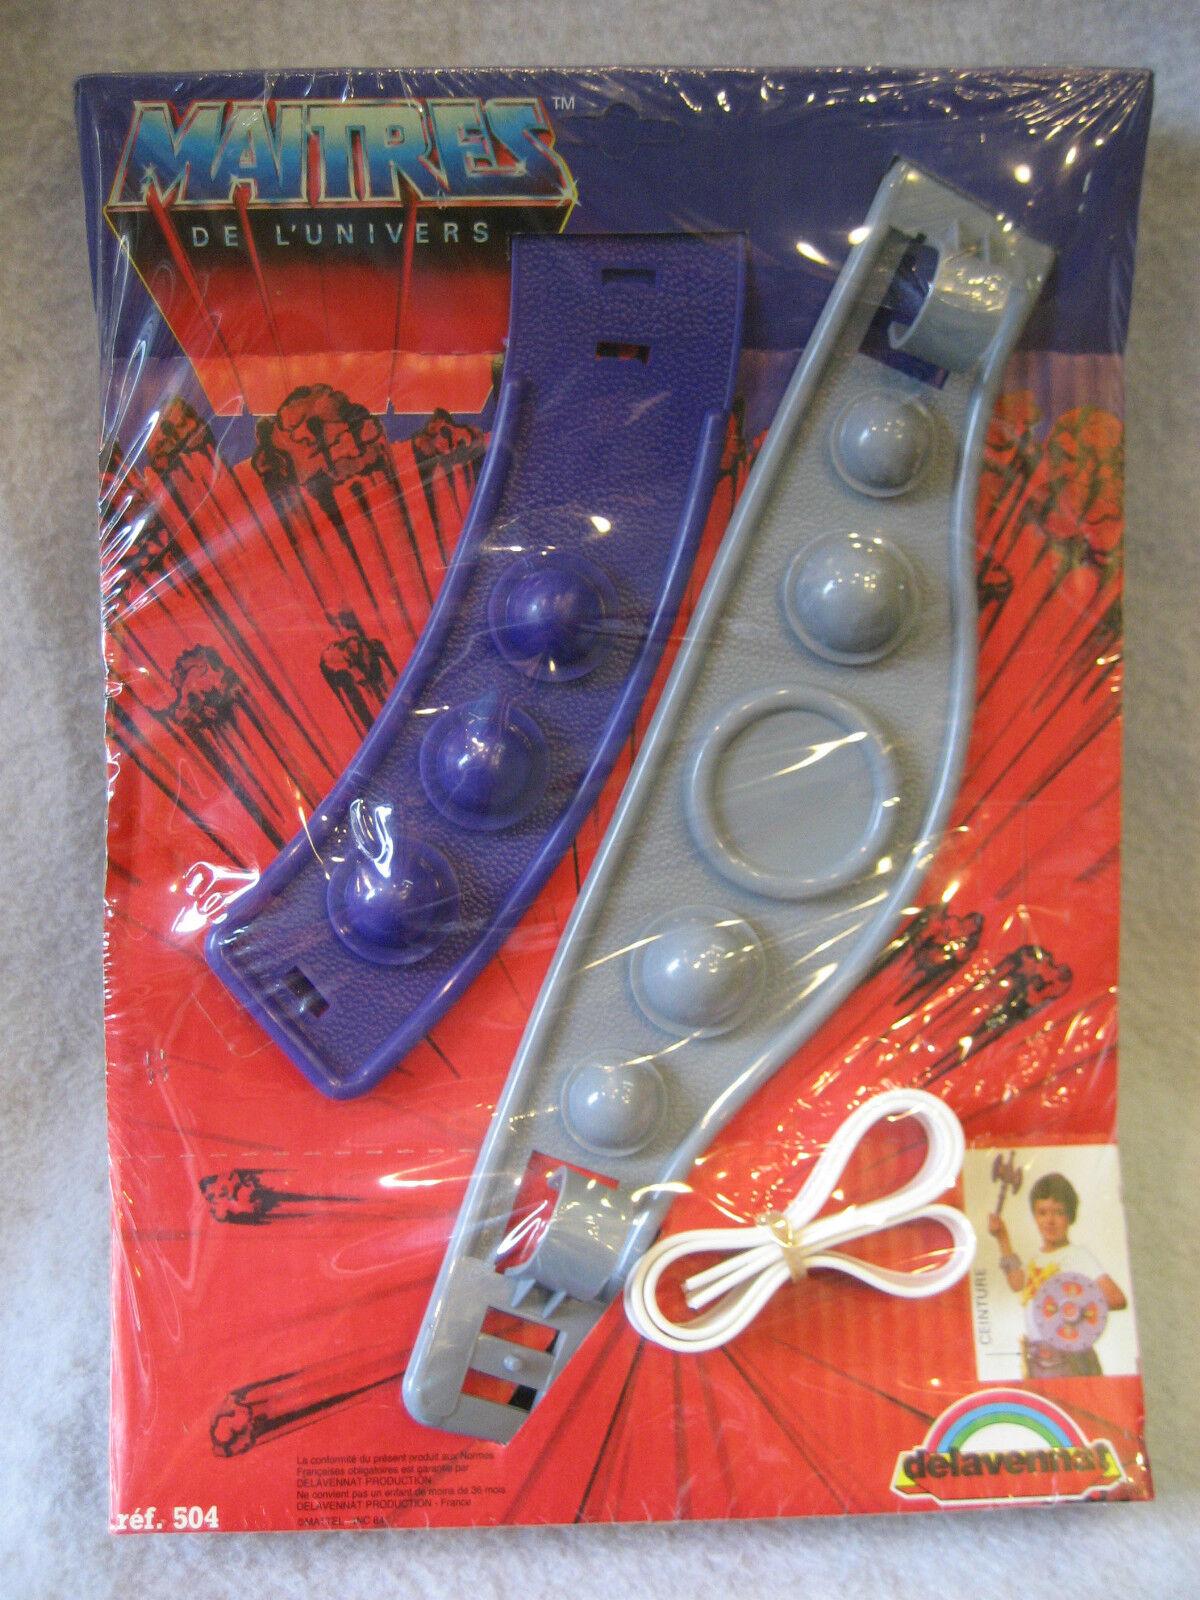 SUPER RARE vintage Masters of the Universe BELT set MOC delavennat France toy